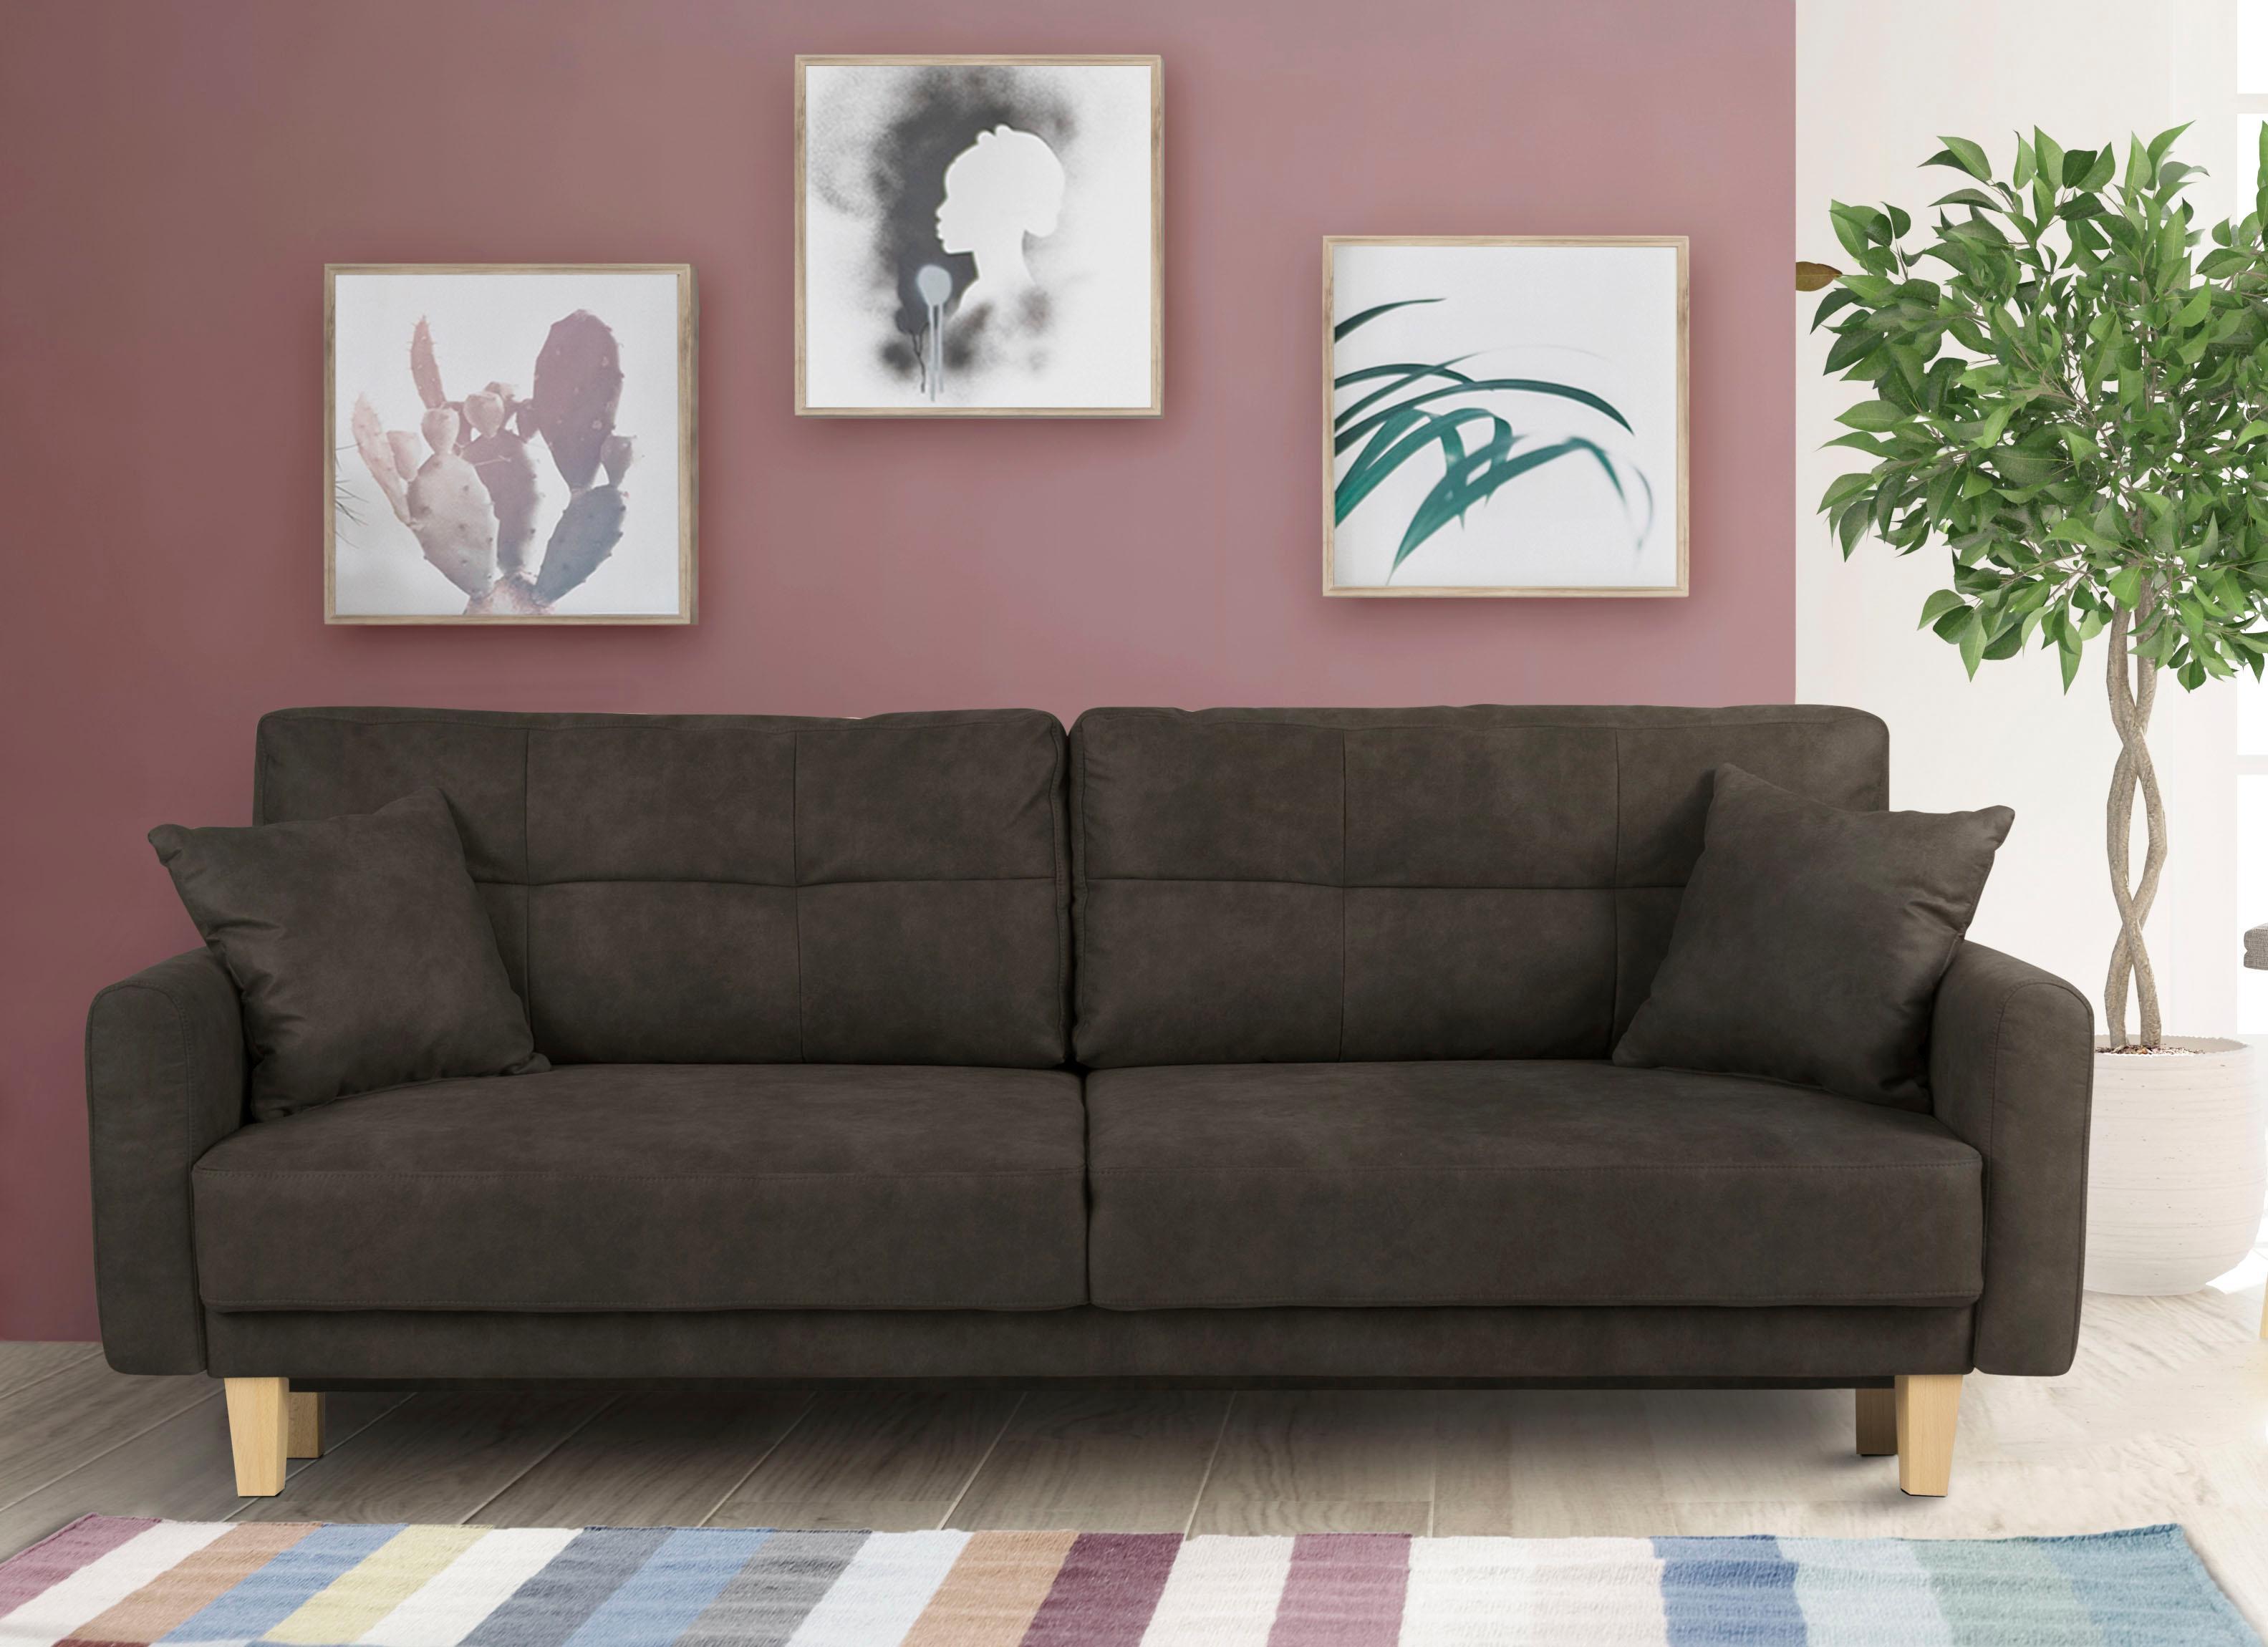 Home affaire 3-Sitzer Triplo wahlweise mit Bettfunktion und Bettkasten Zierkissen